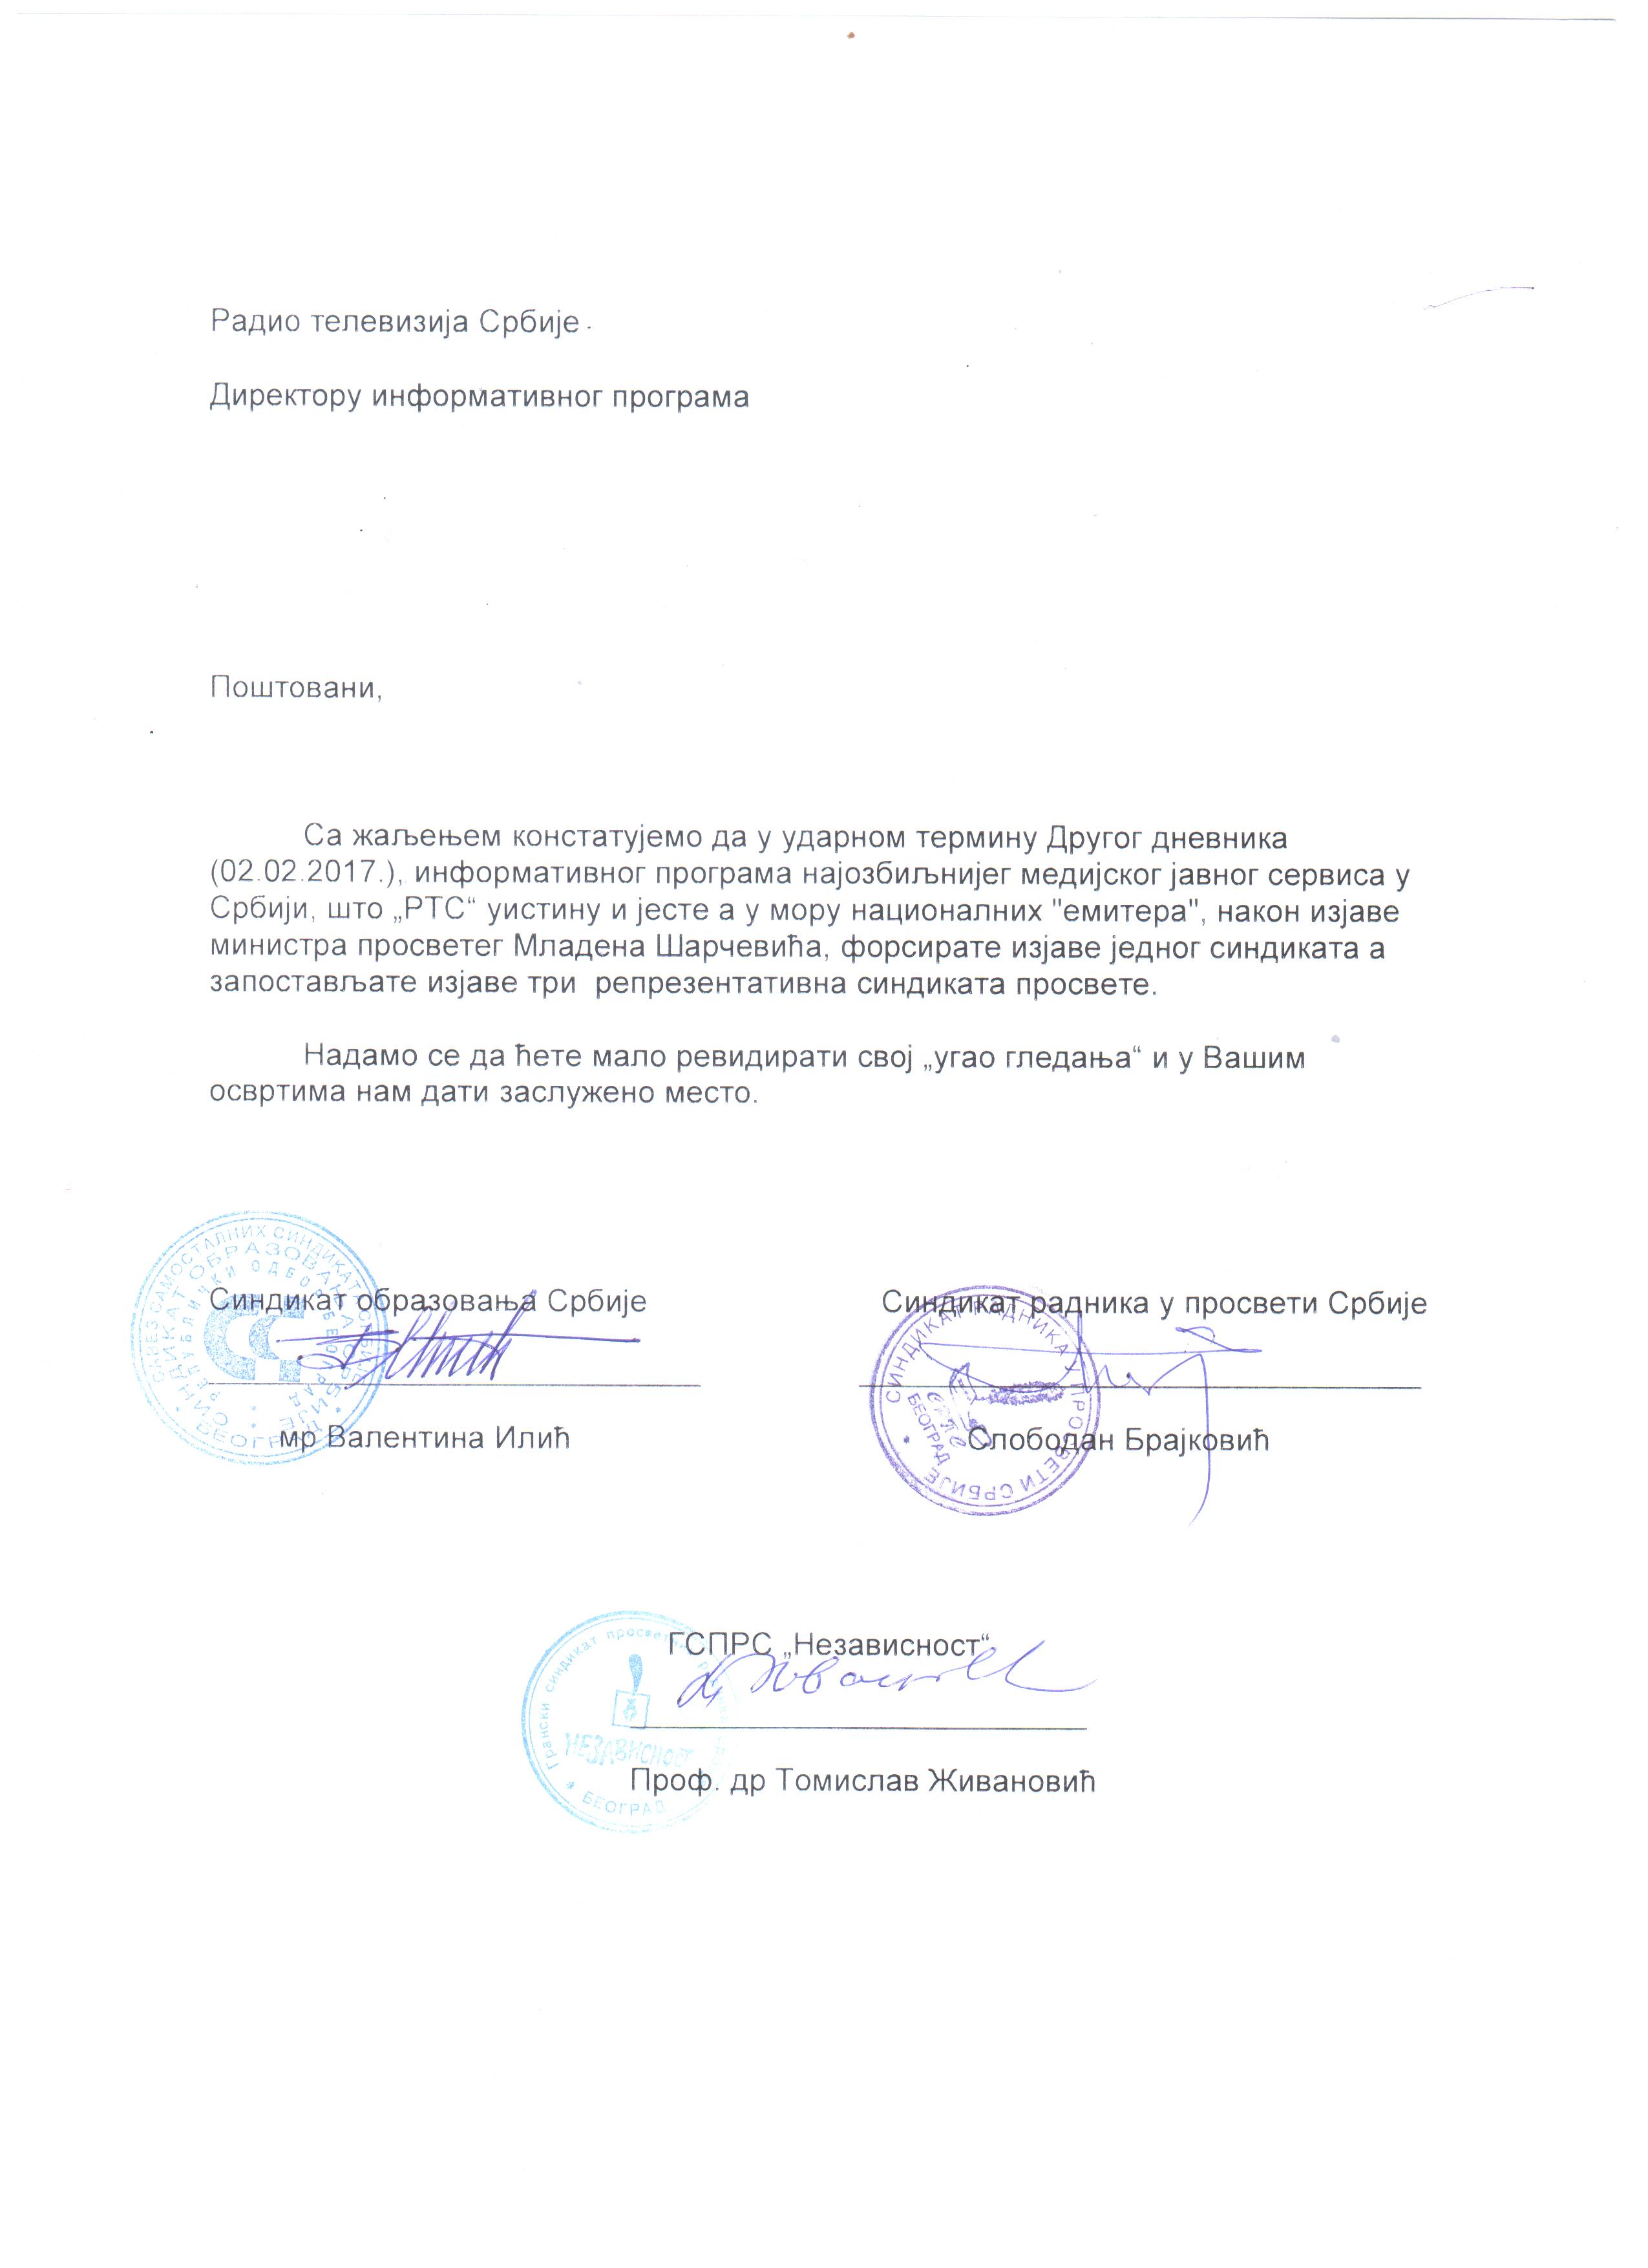 Dopis Radio televiziji Srbije